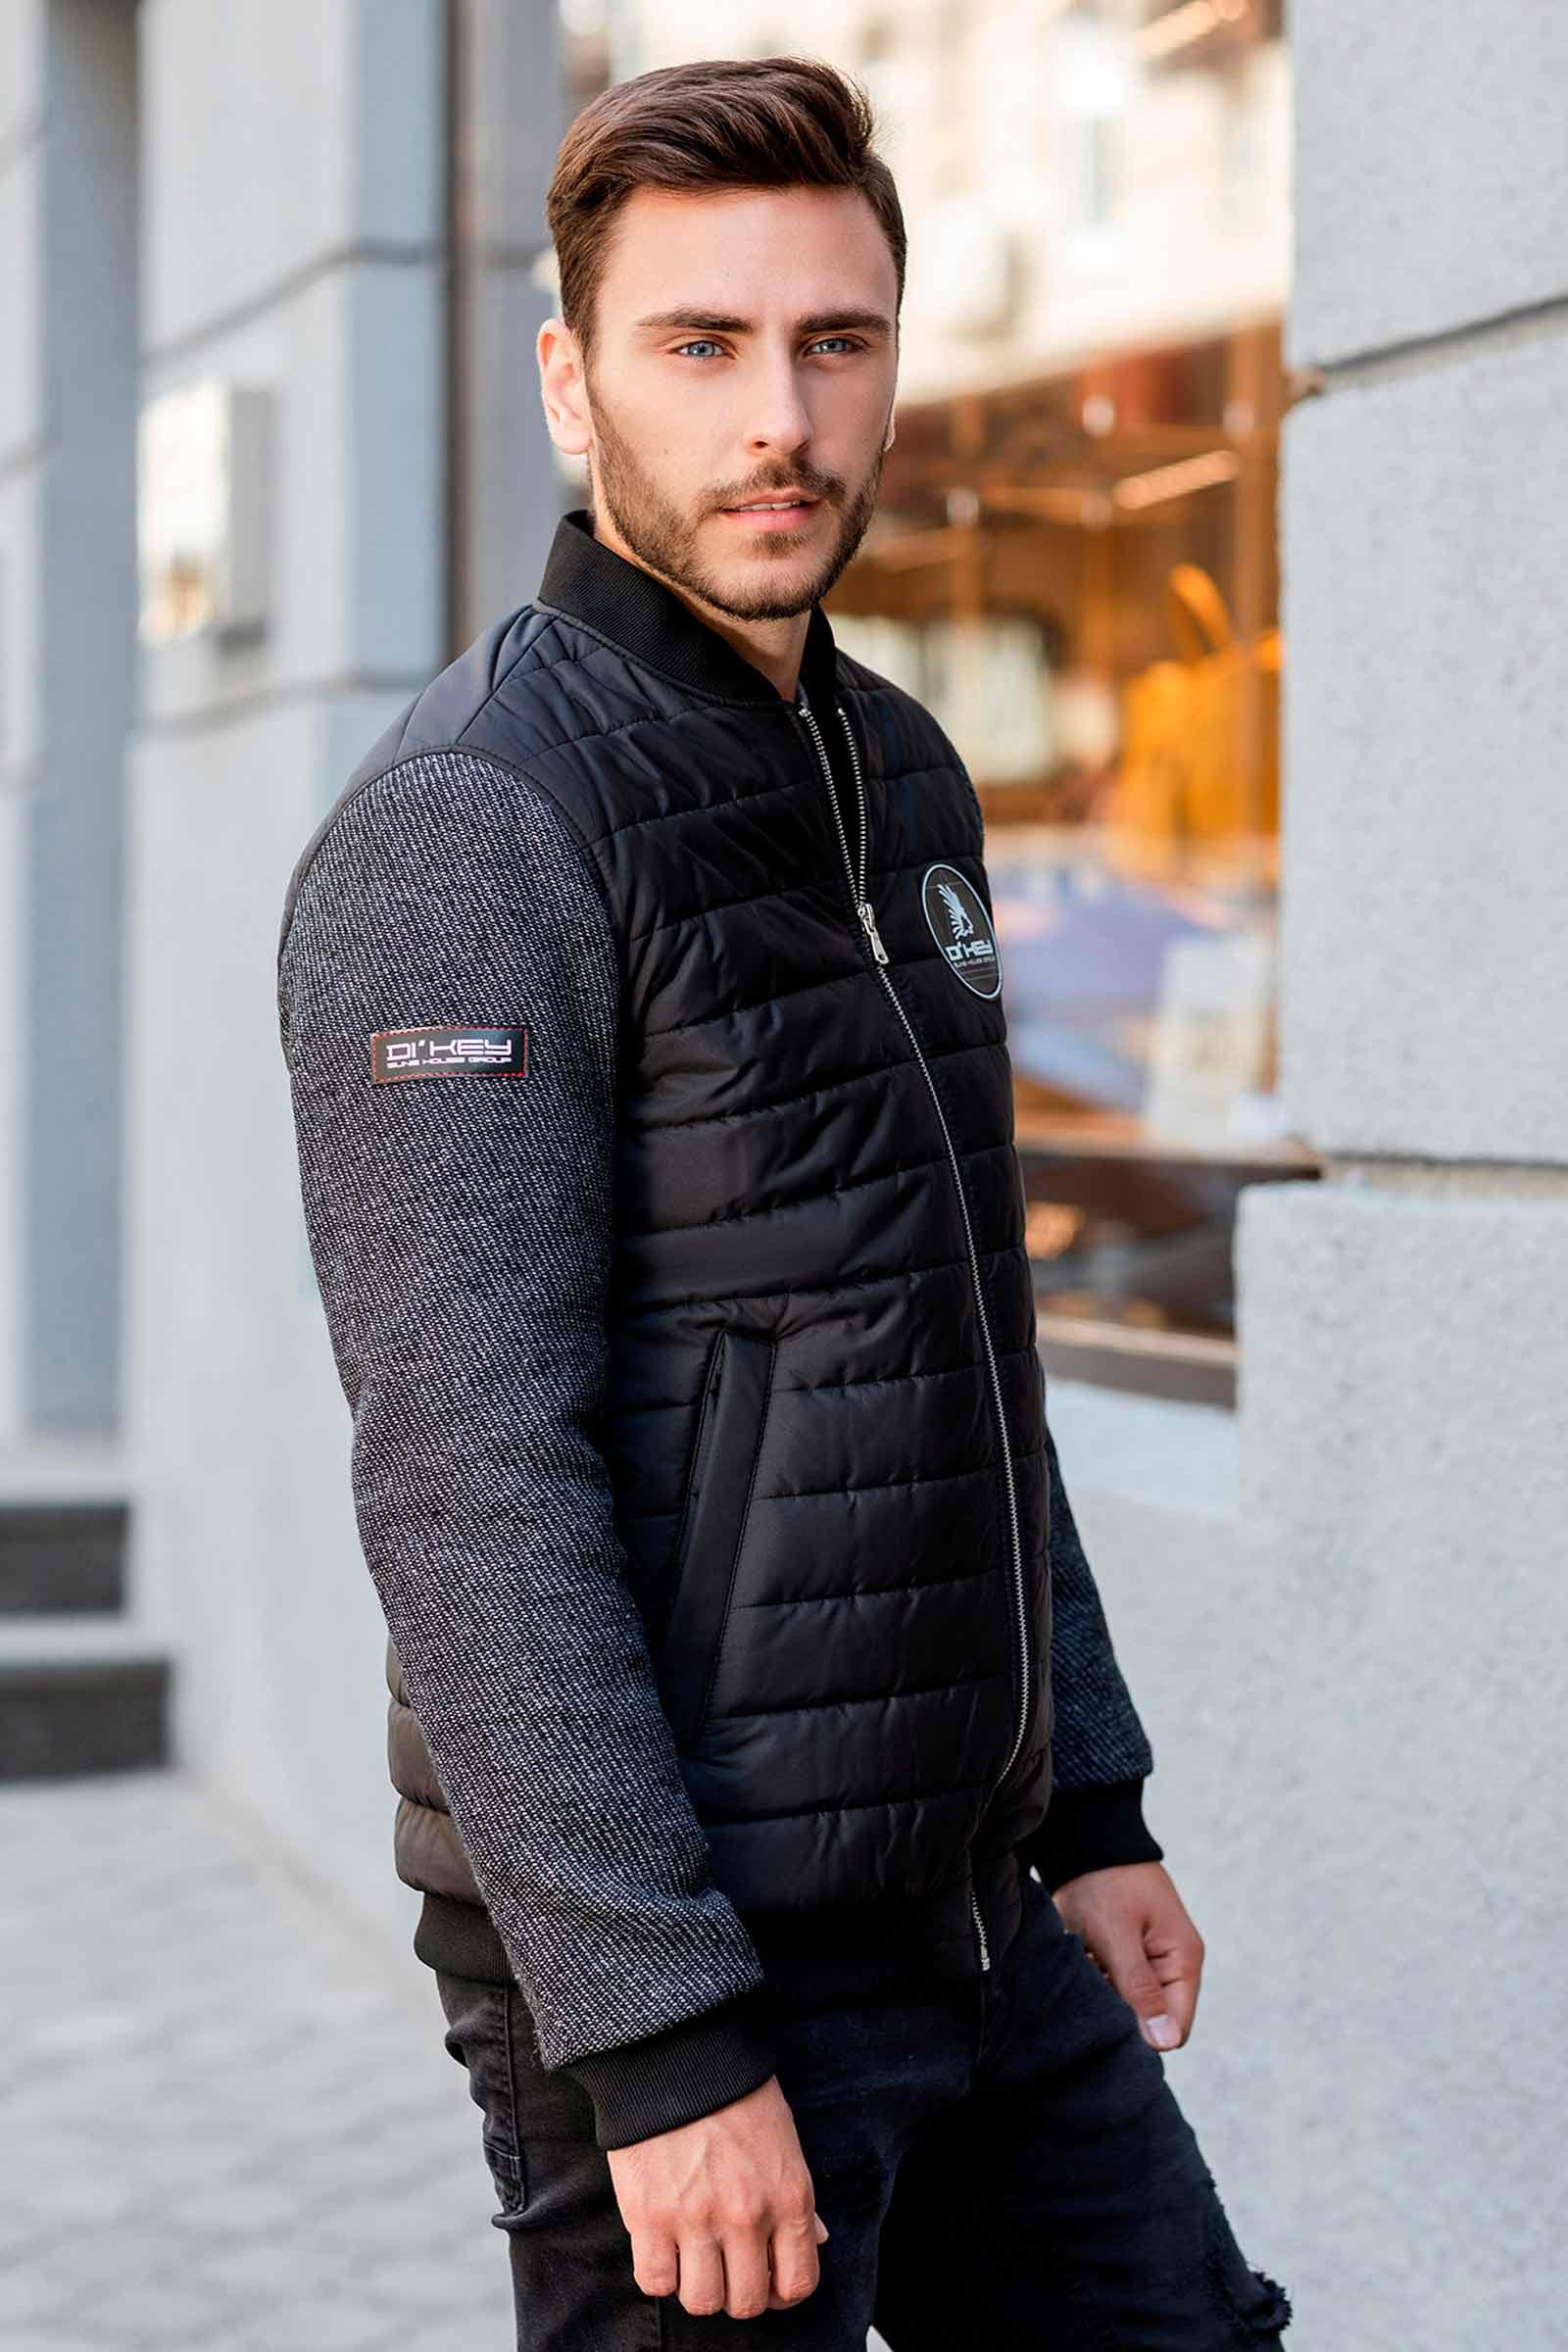 Купить мужскую куртку недорого Днепропетровск -  фото